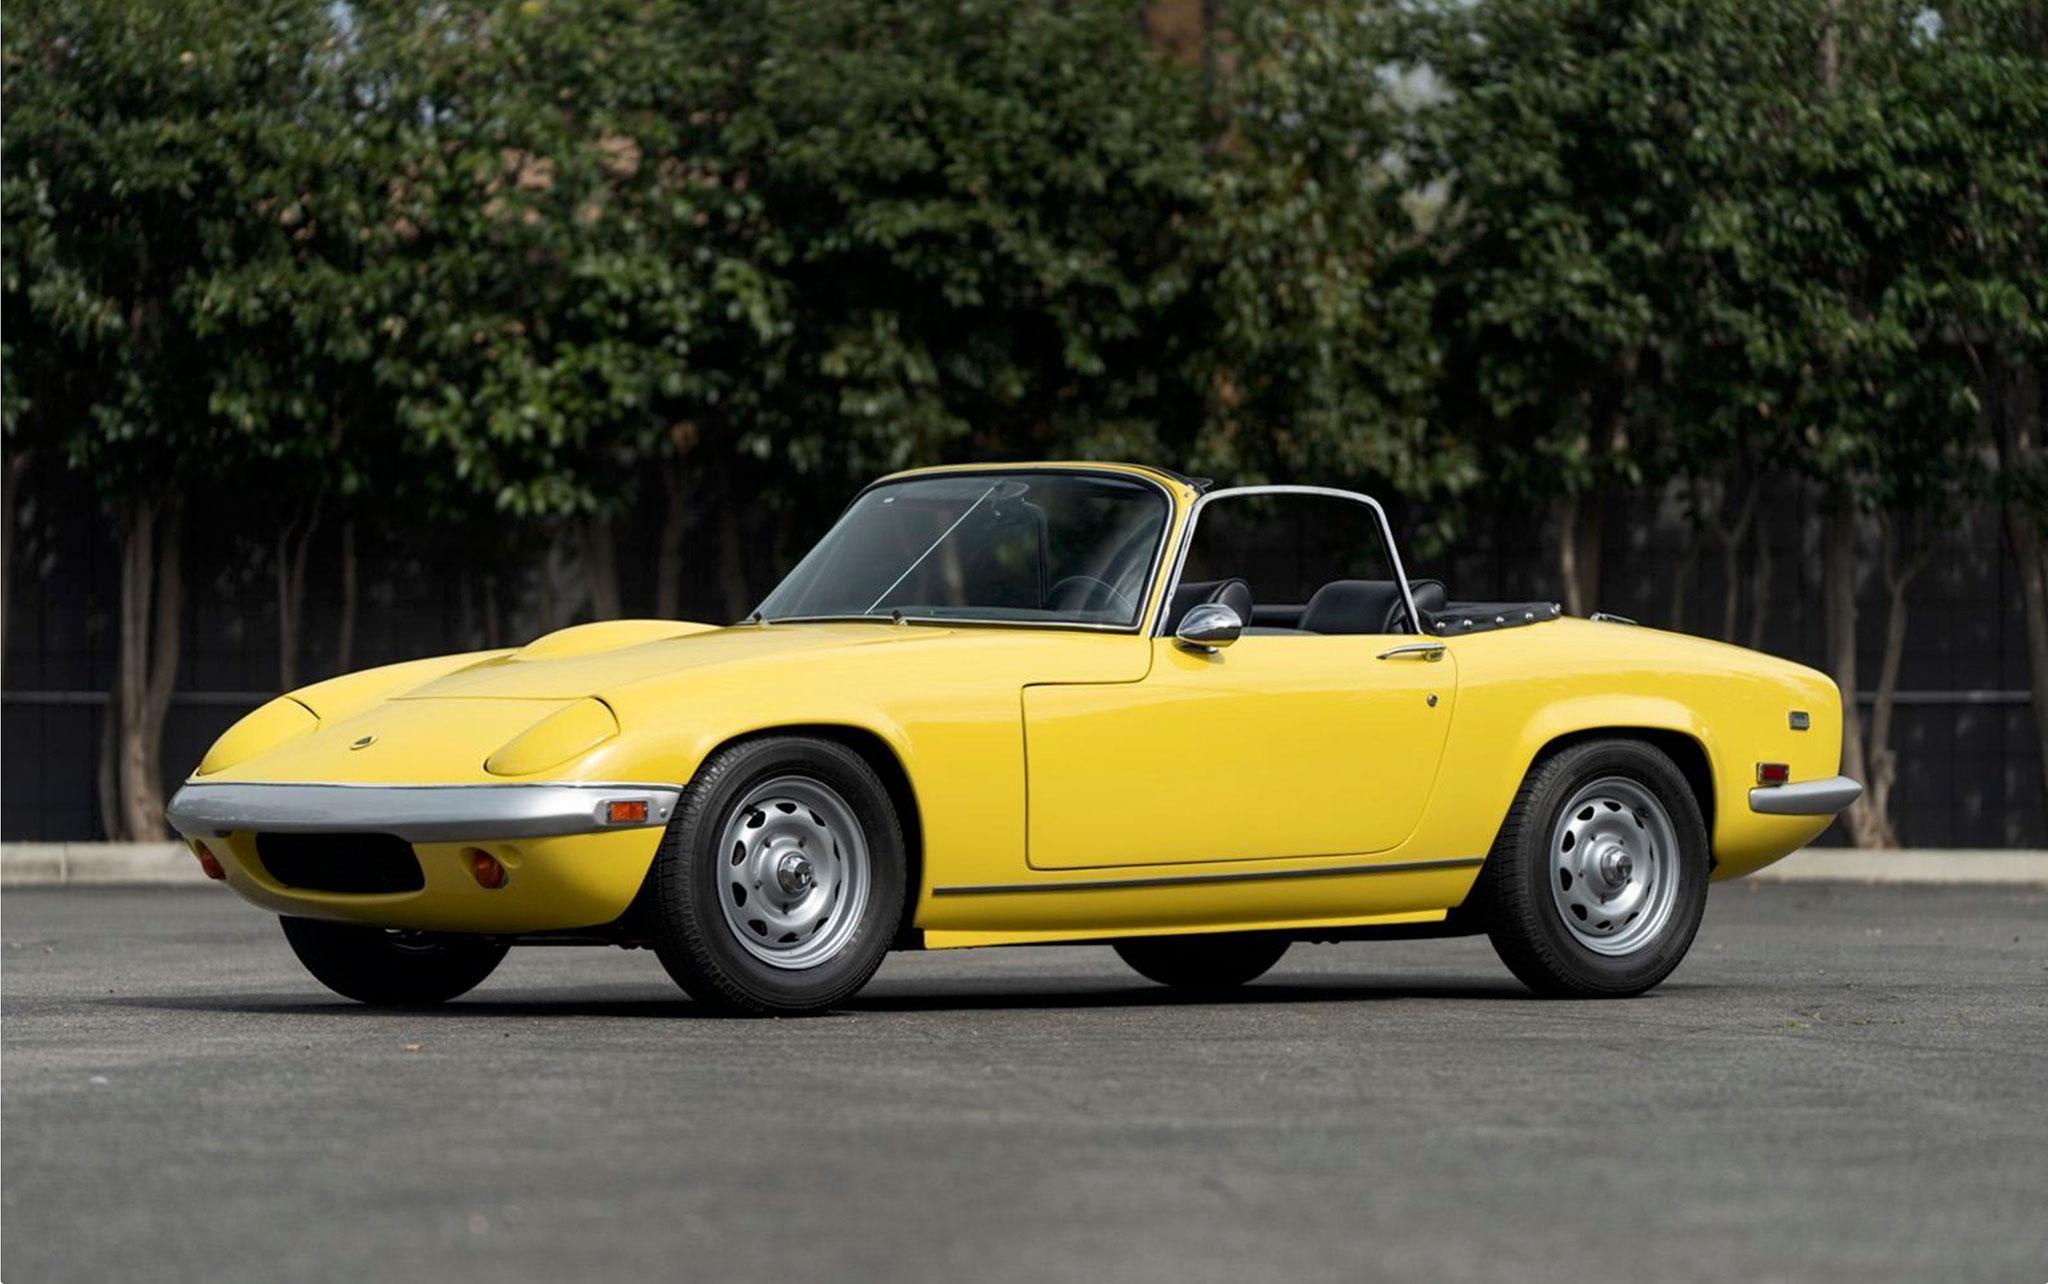 1969 Lotus Elan SE vente Gooding & Company £34,100 frais compris.